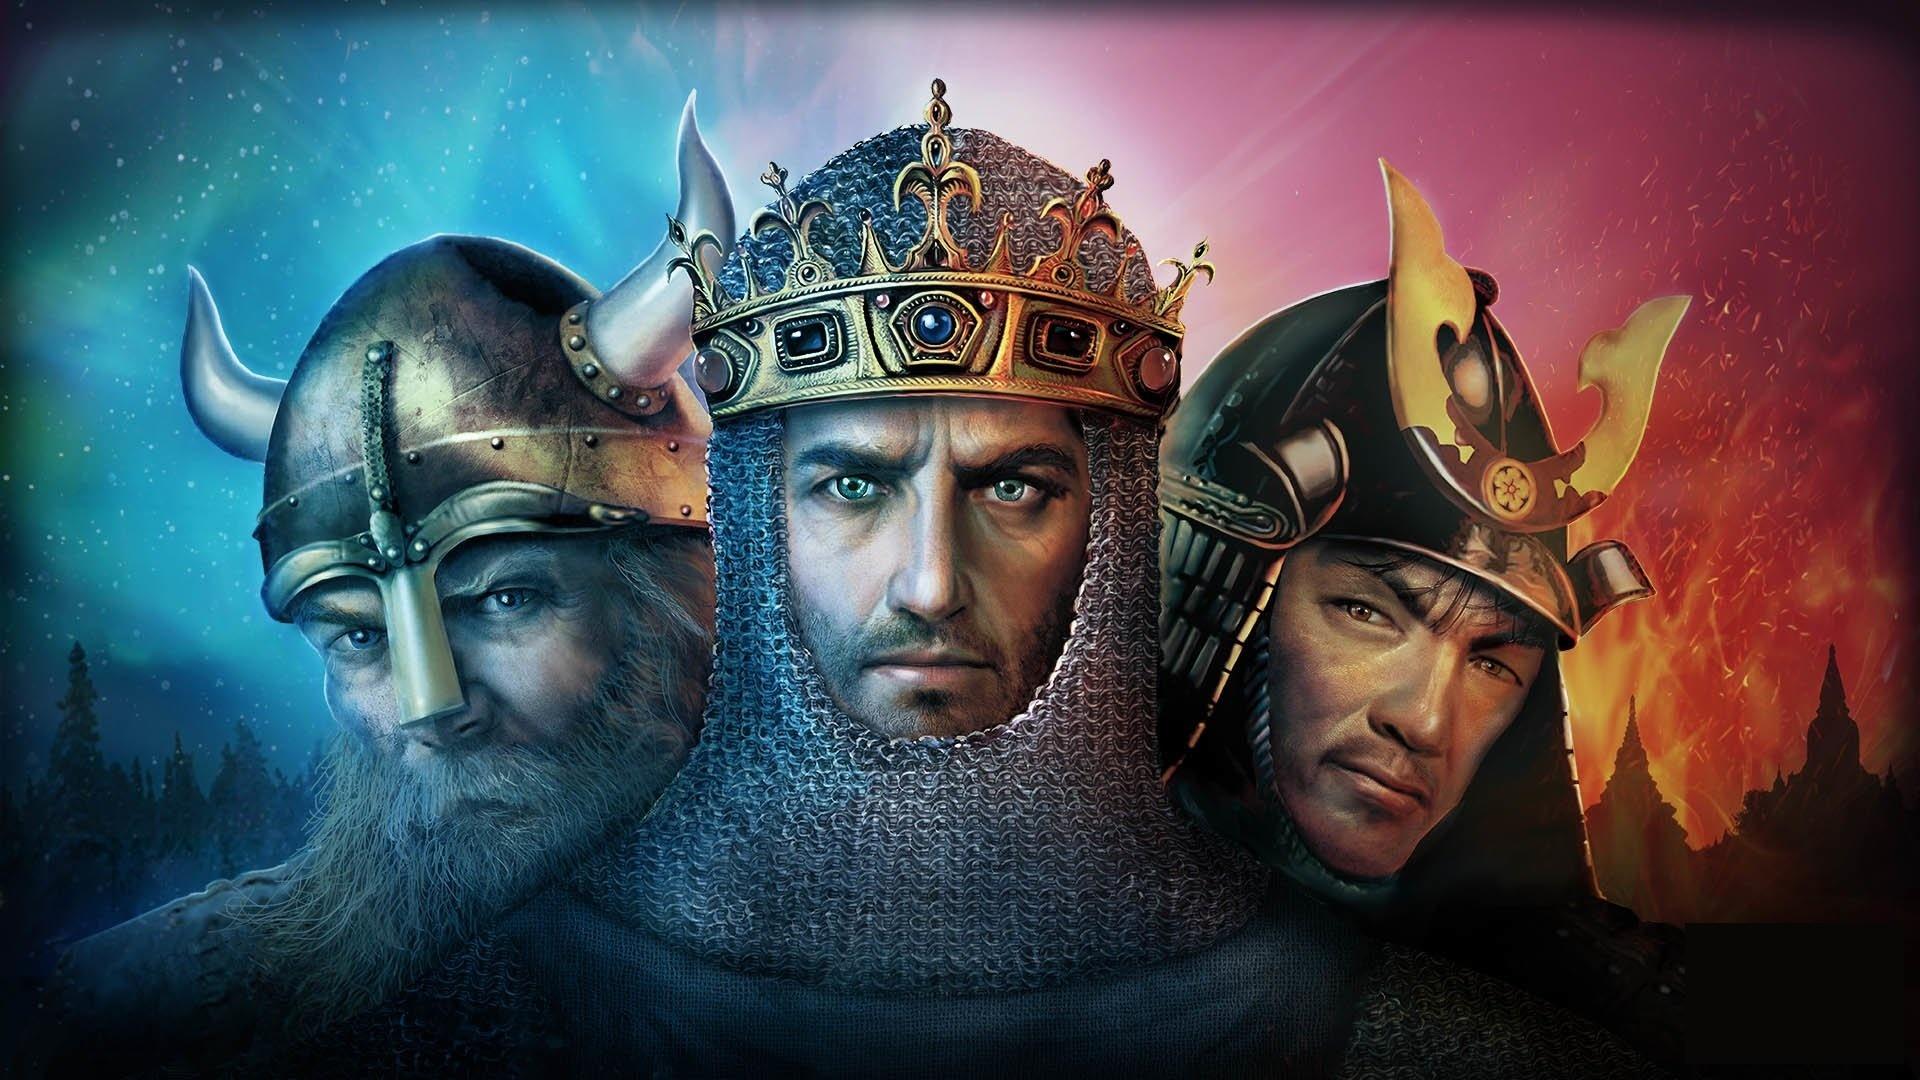 Age of Empires IV впервые покажут в середине ноября, а Gears Tactics выйдет на Xbox One